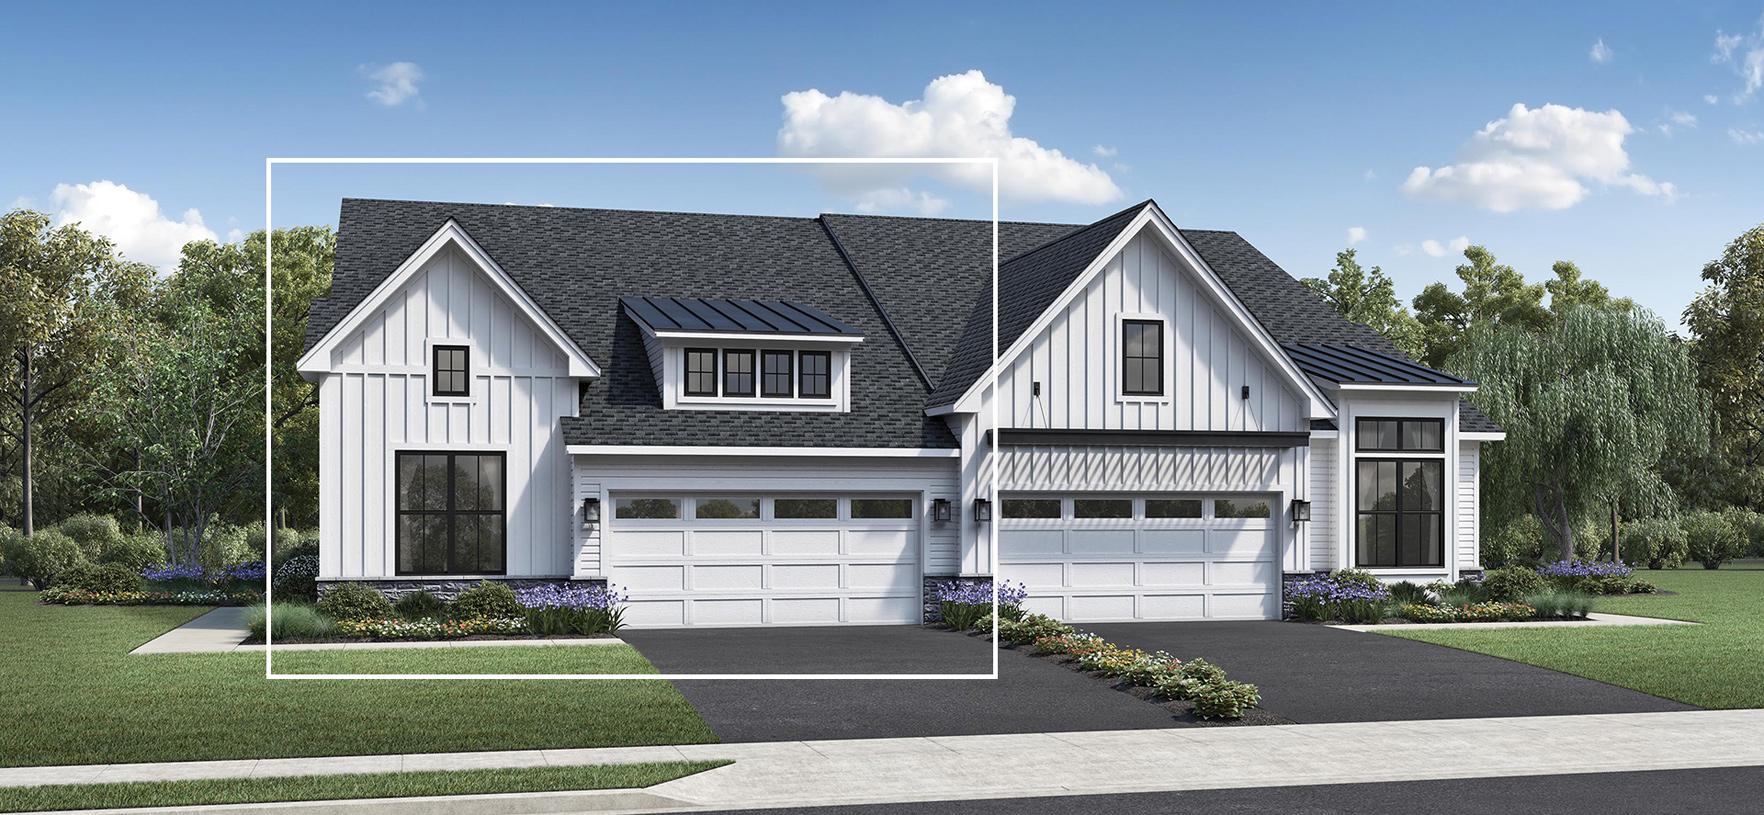 Stonewyck -  Modern Farmhouse